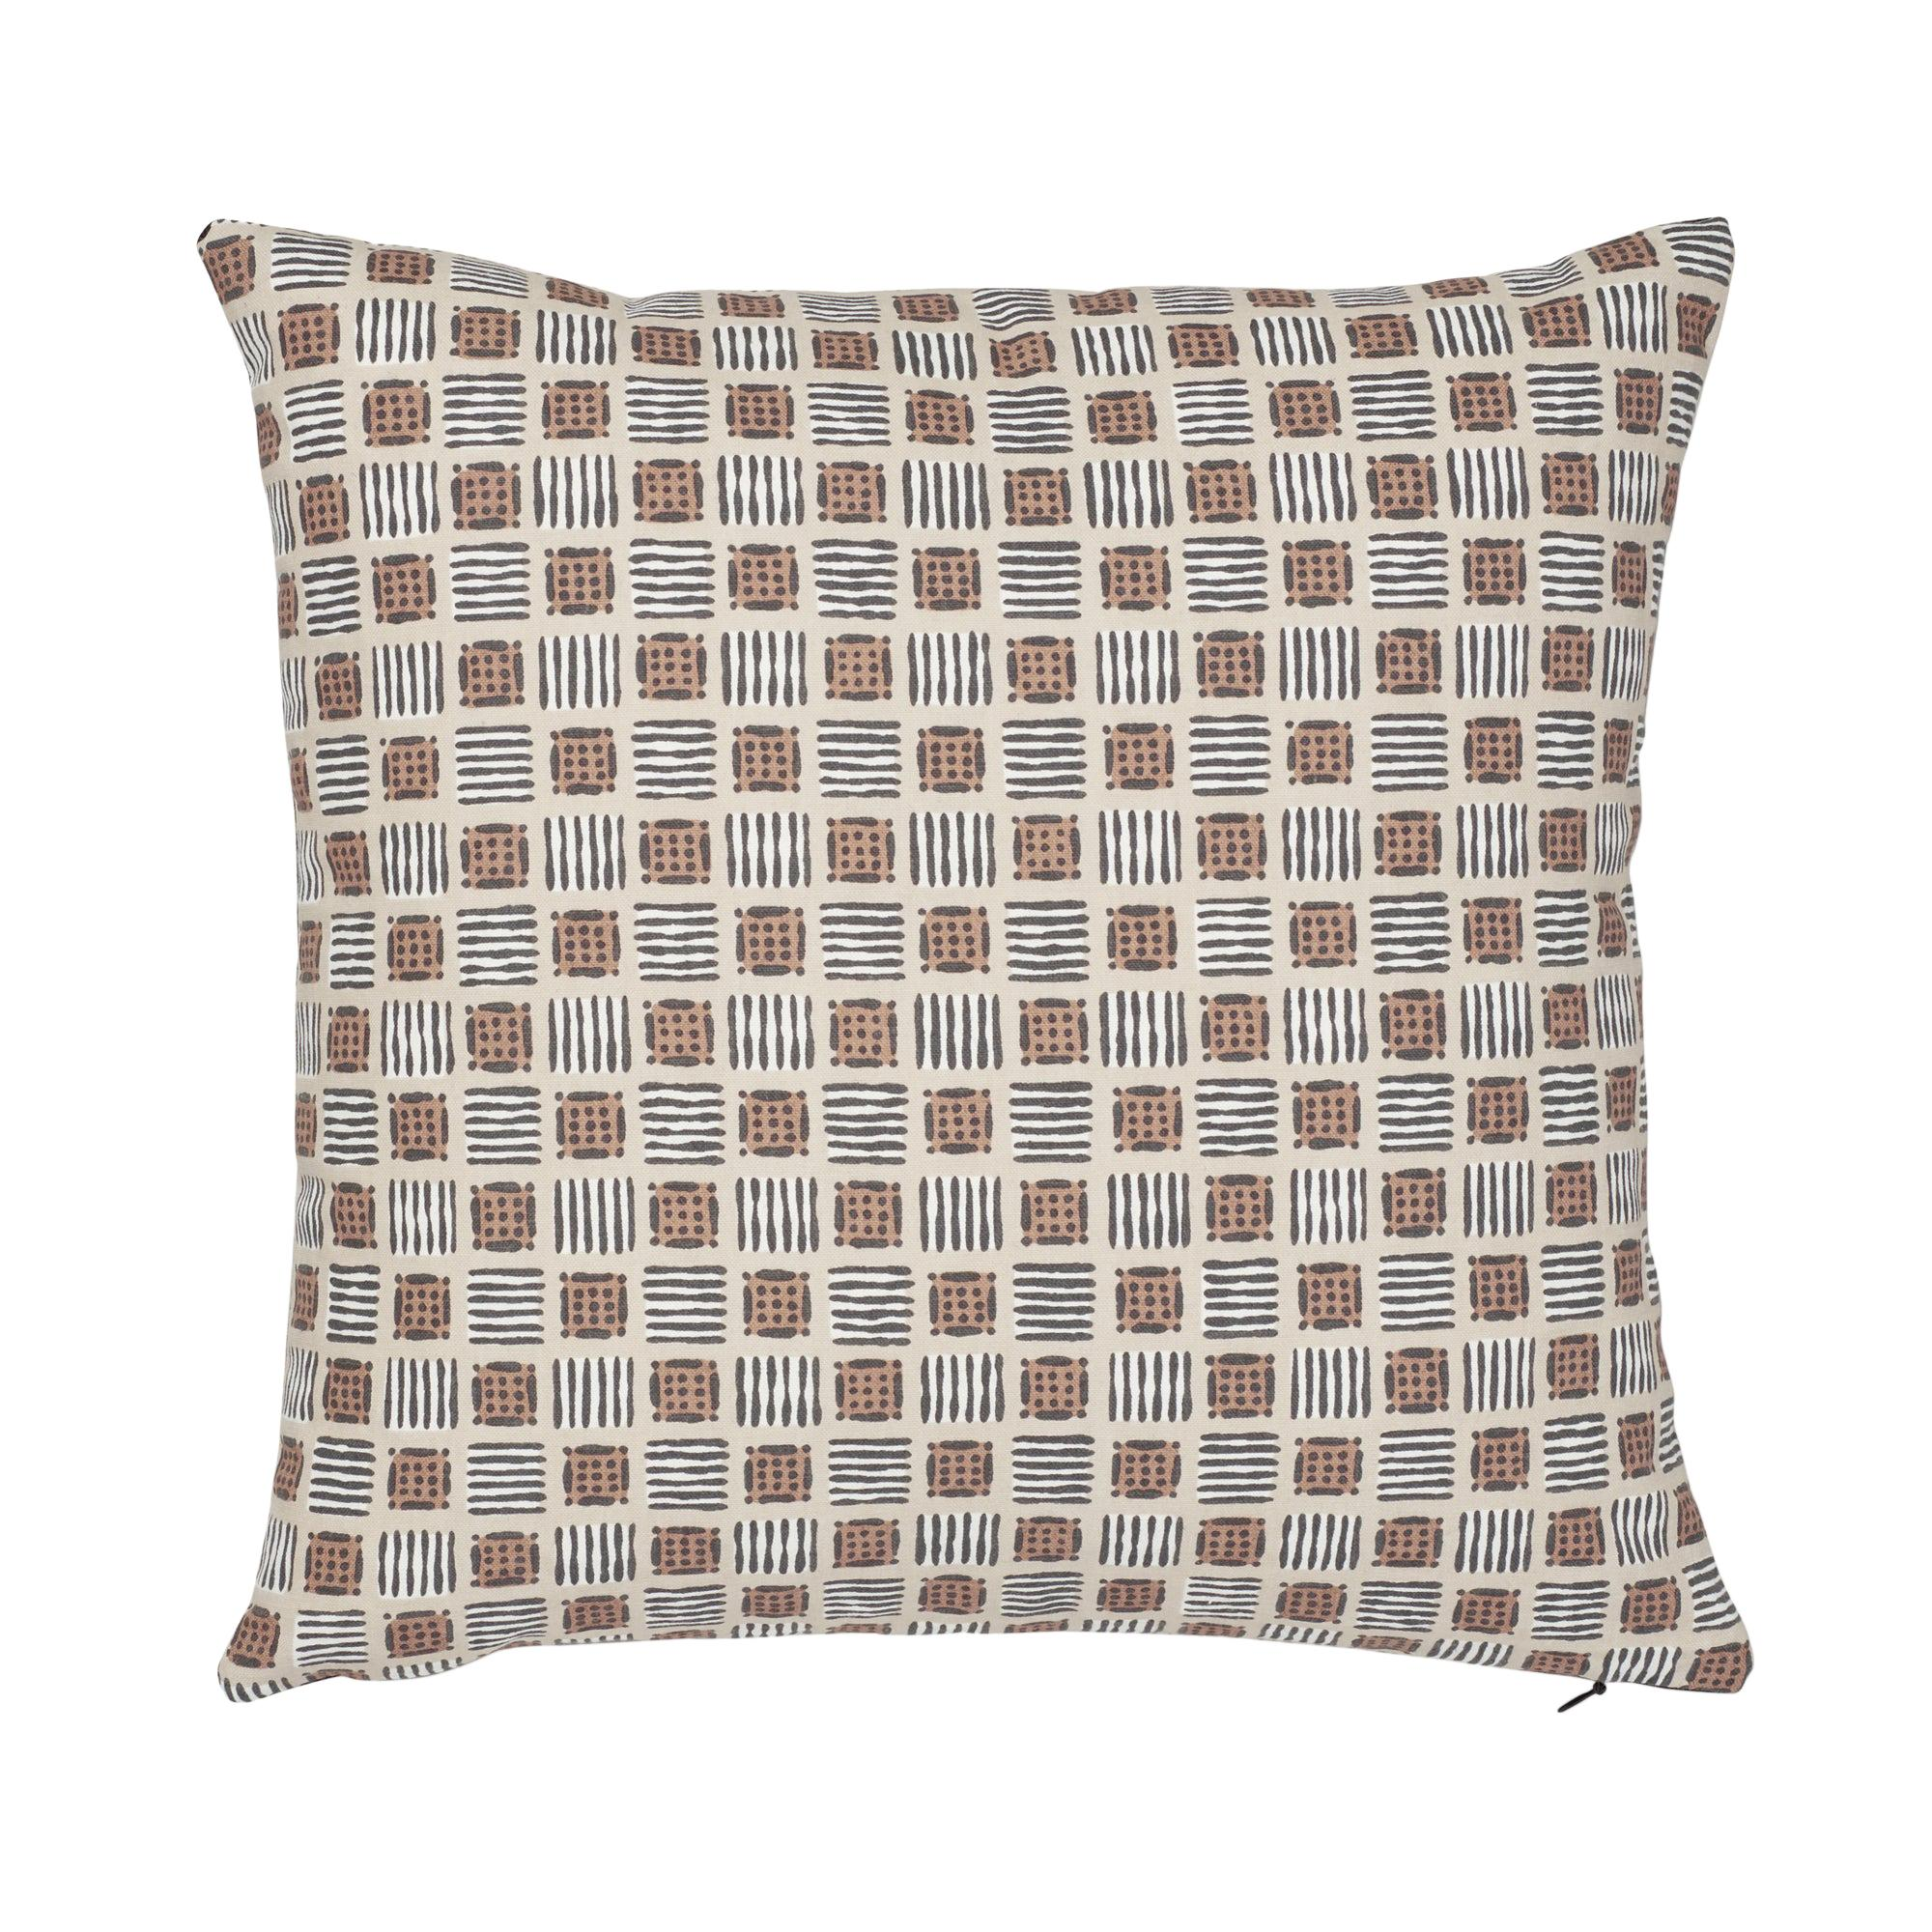 Schumacher Mottley Grid Wren Cotton Linen Pillow